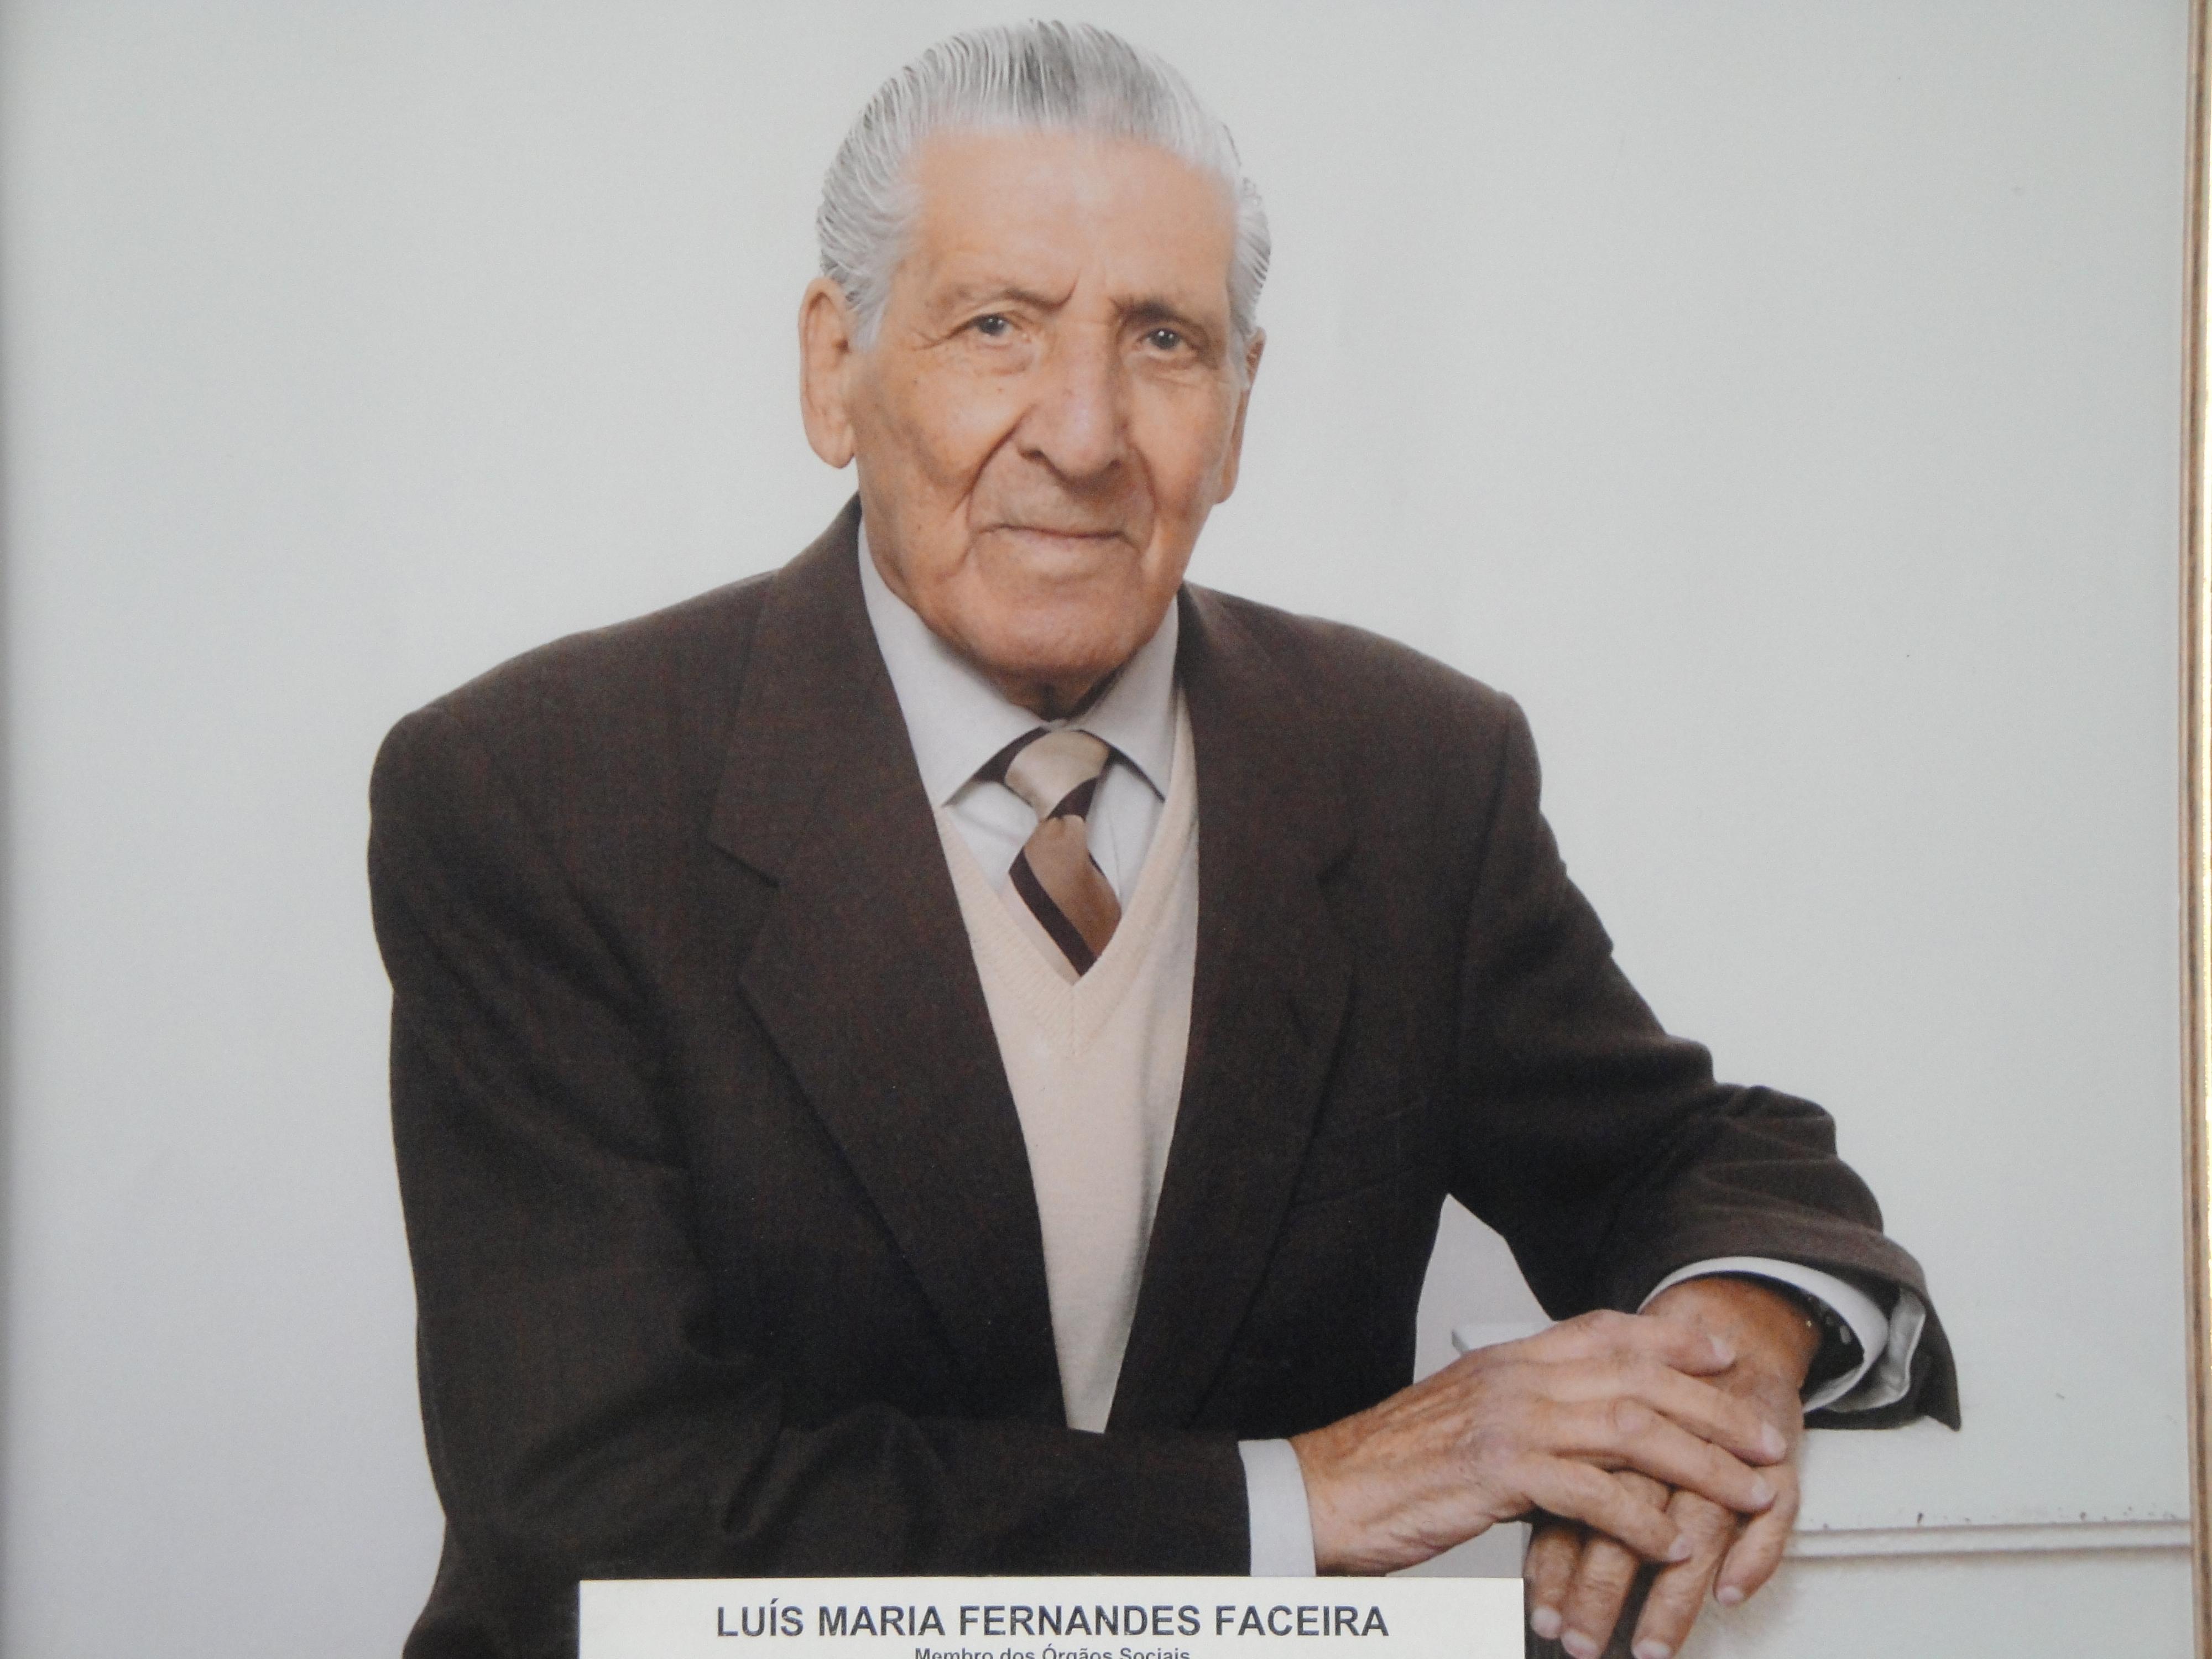 Dr. Luís Maria Fernandes Faceira